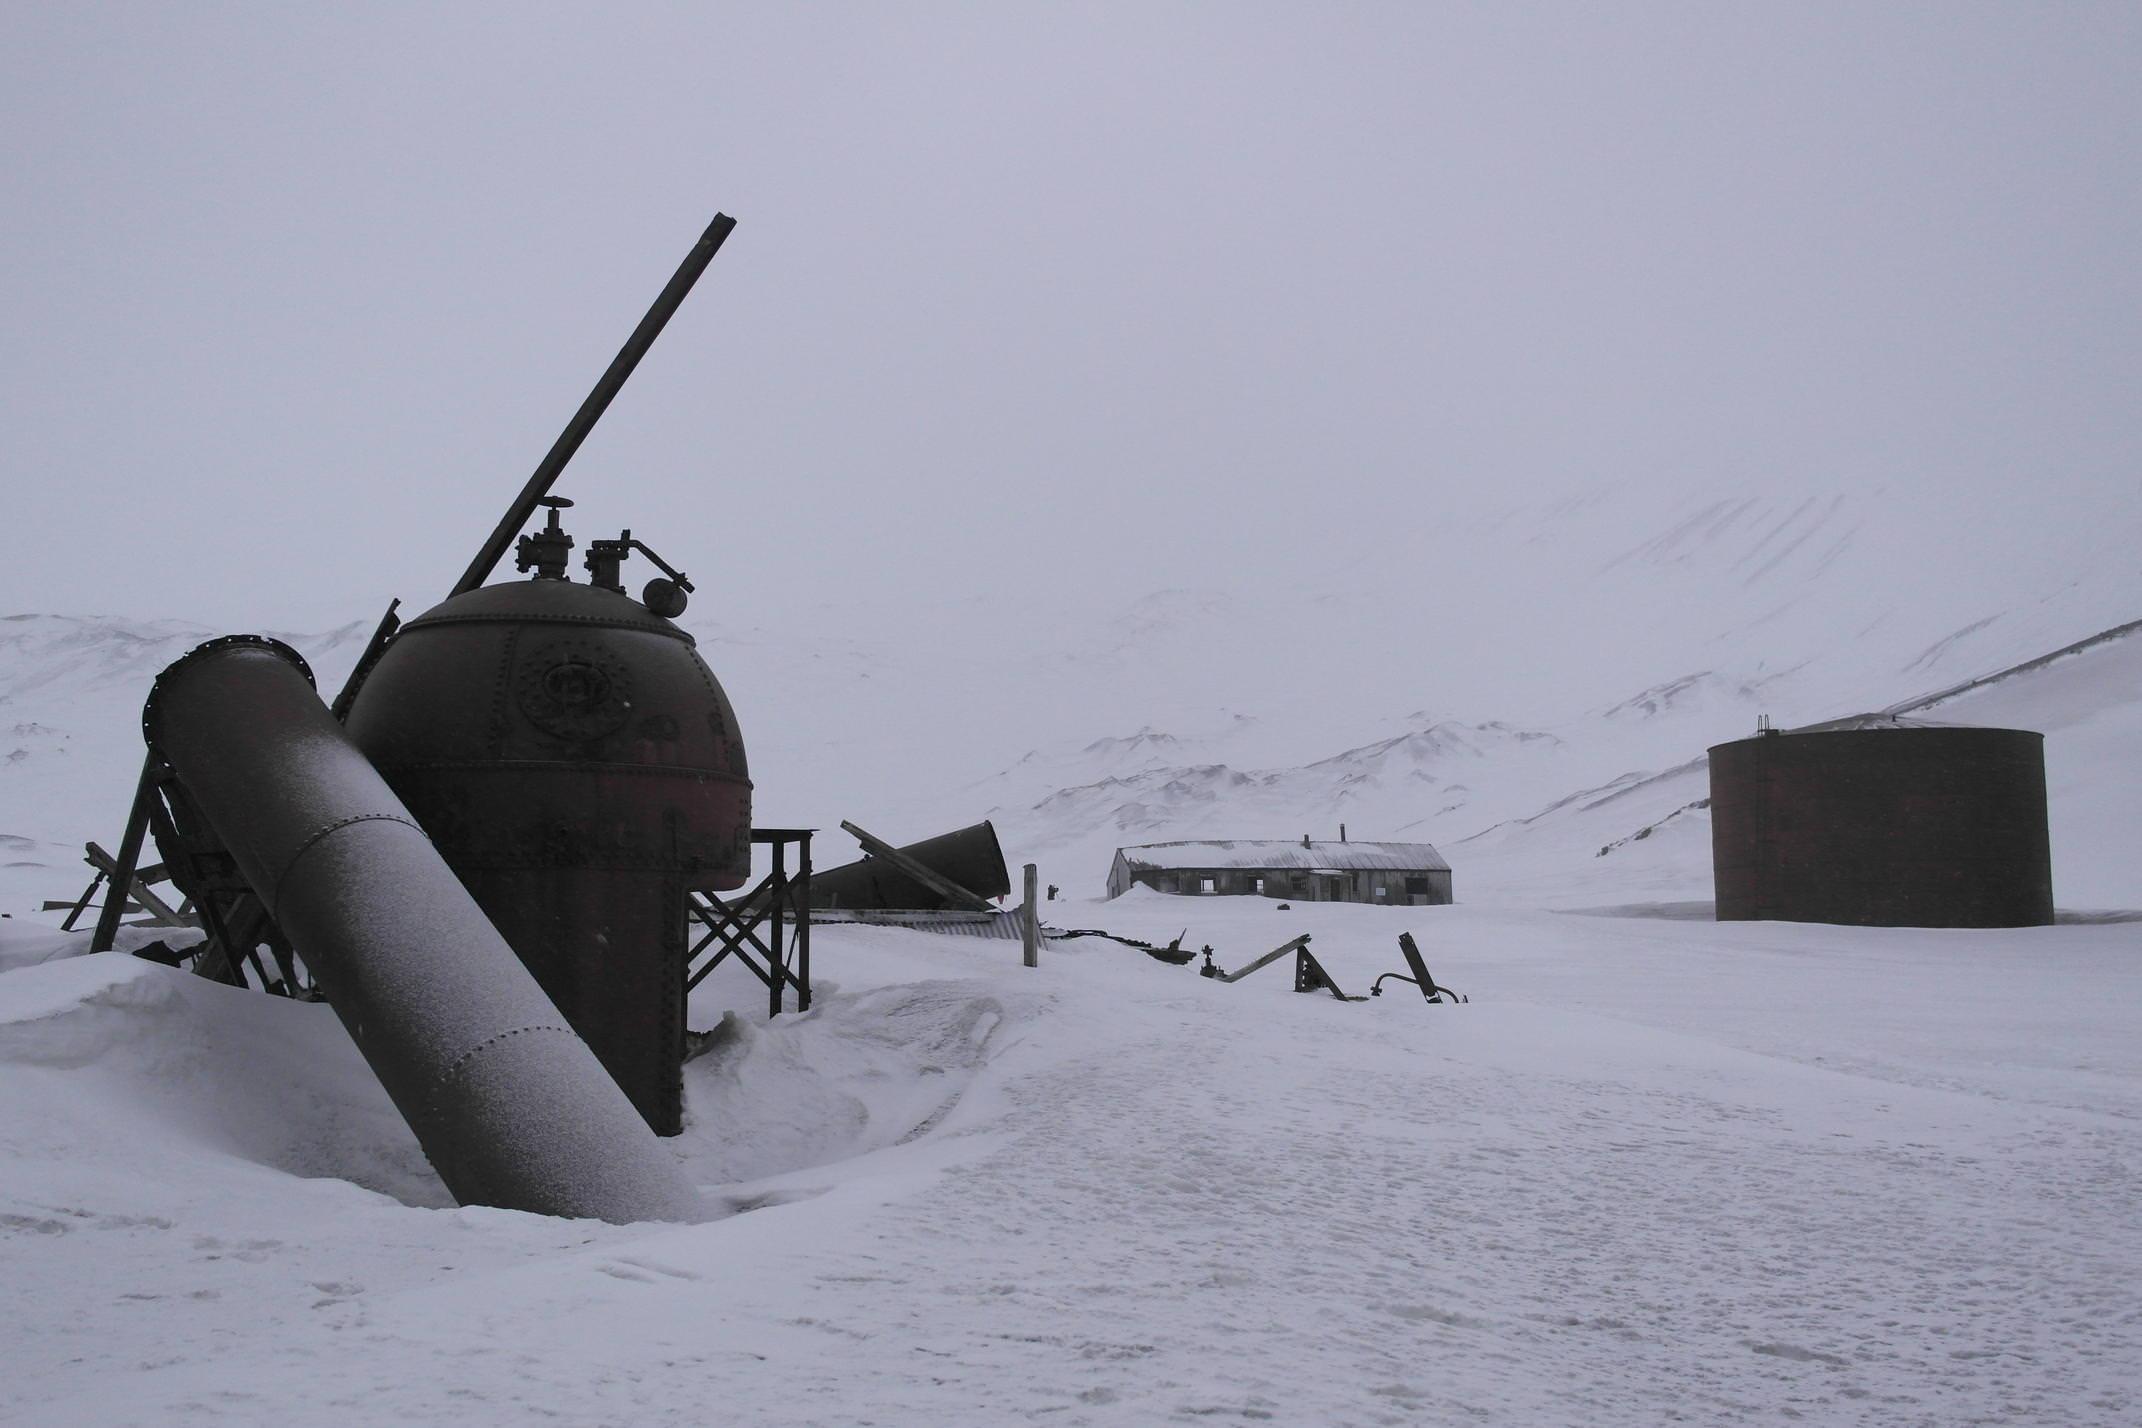 Antarctica deception island snowy ruins